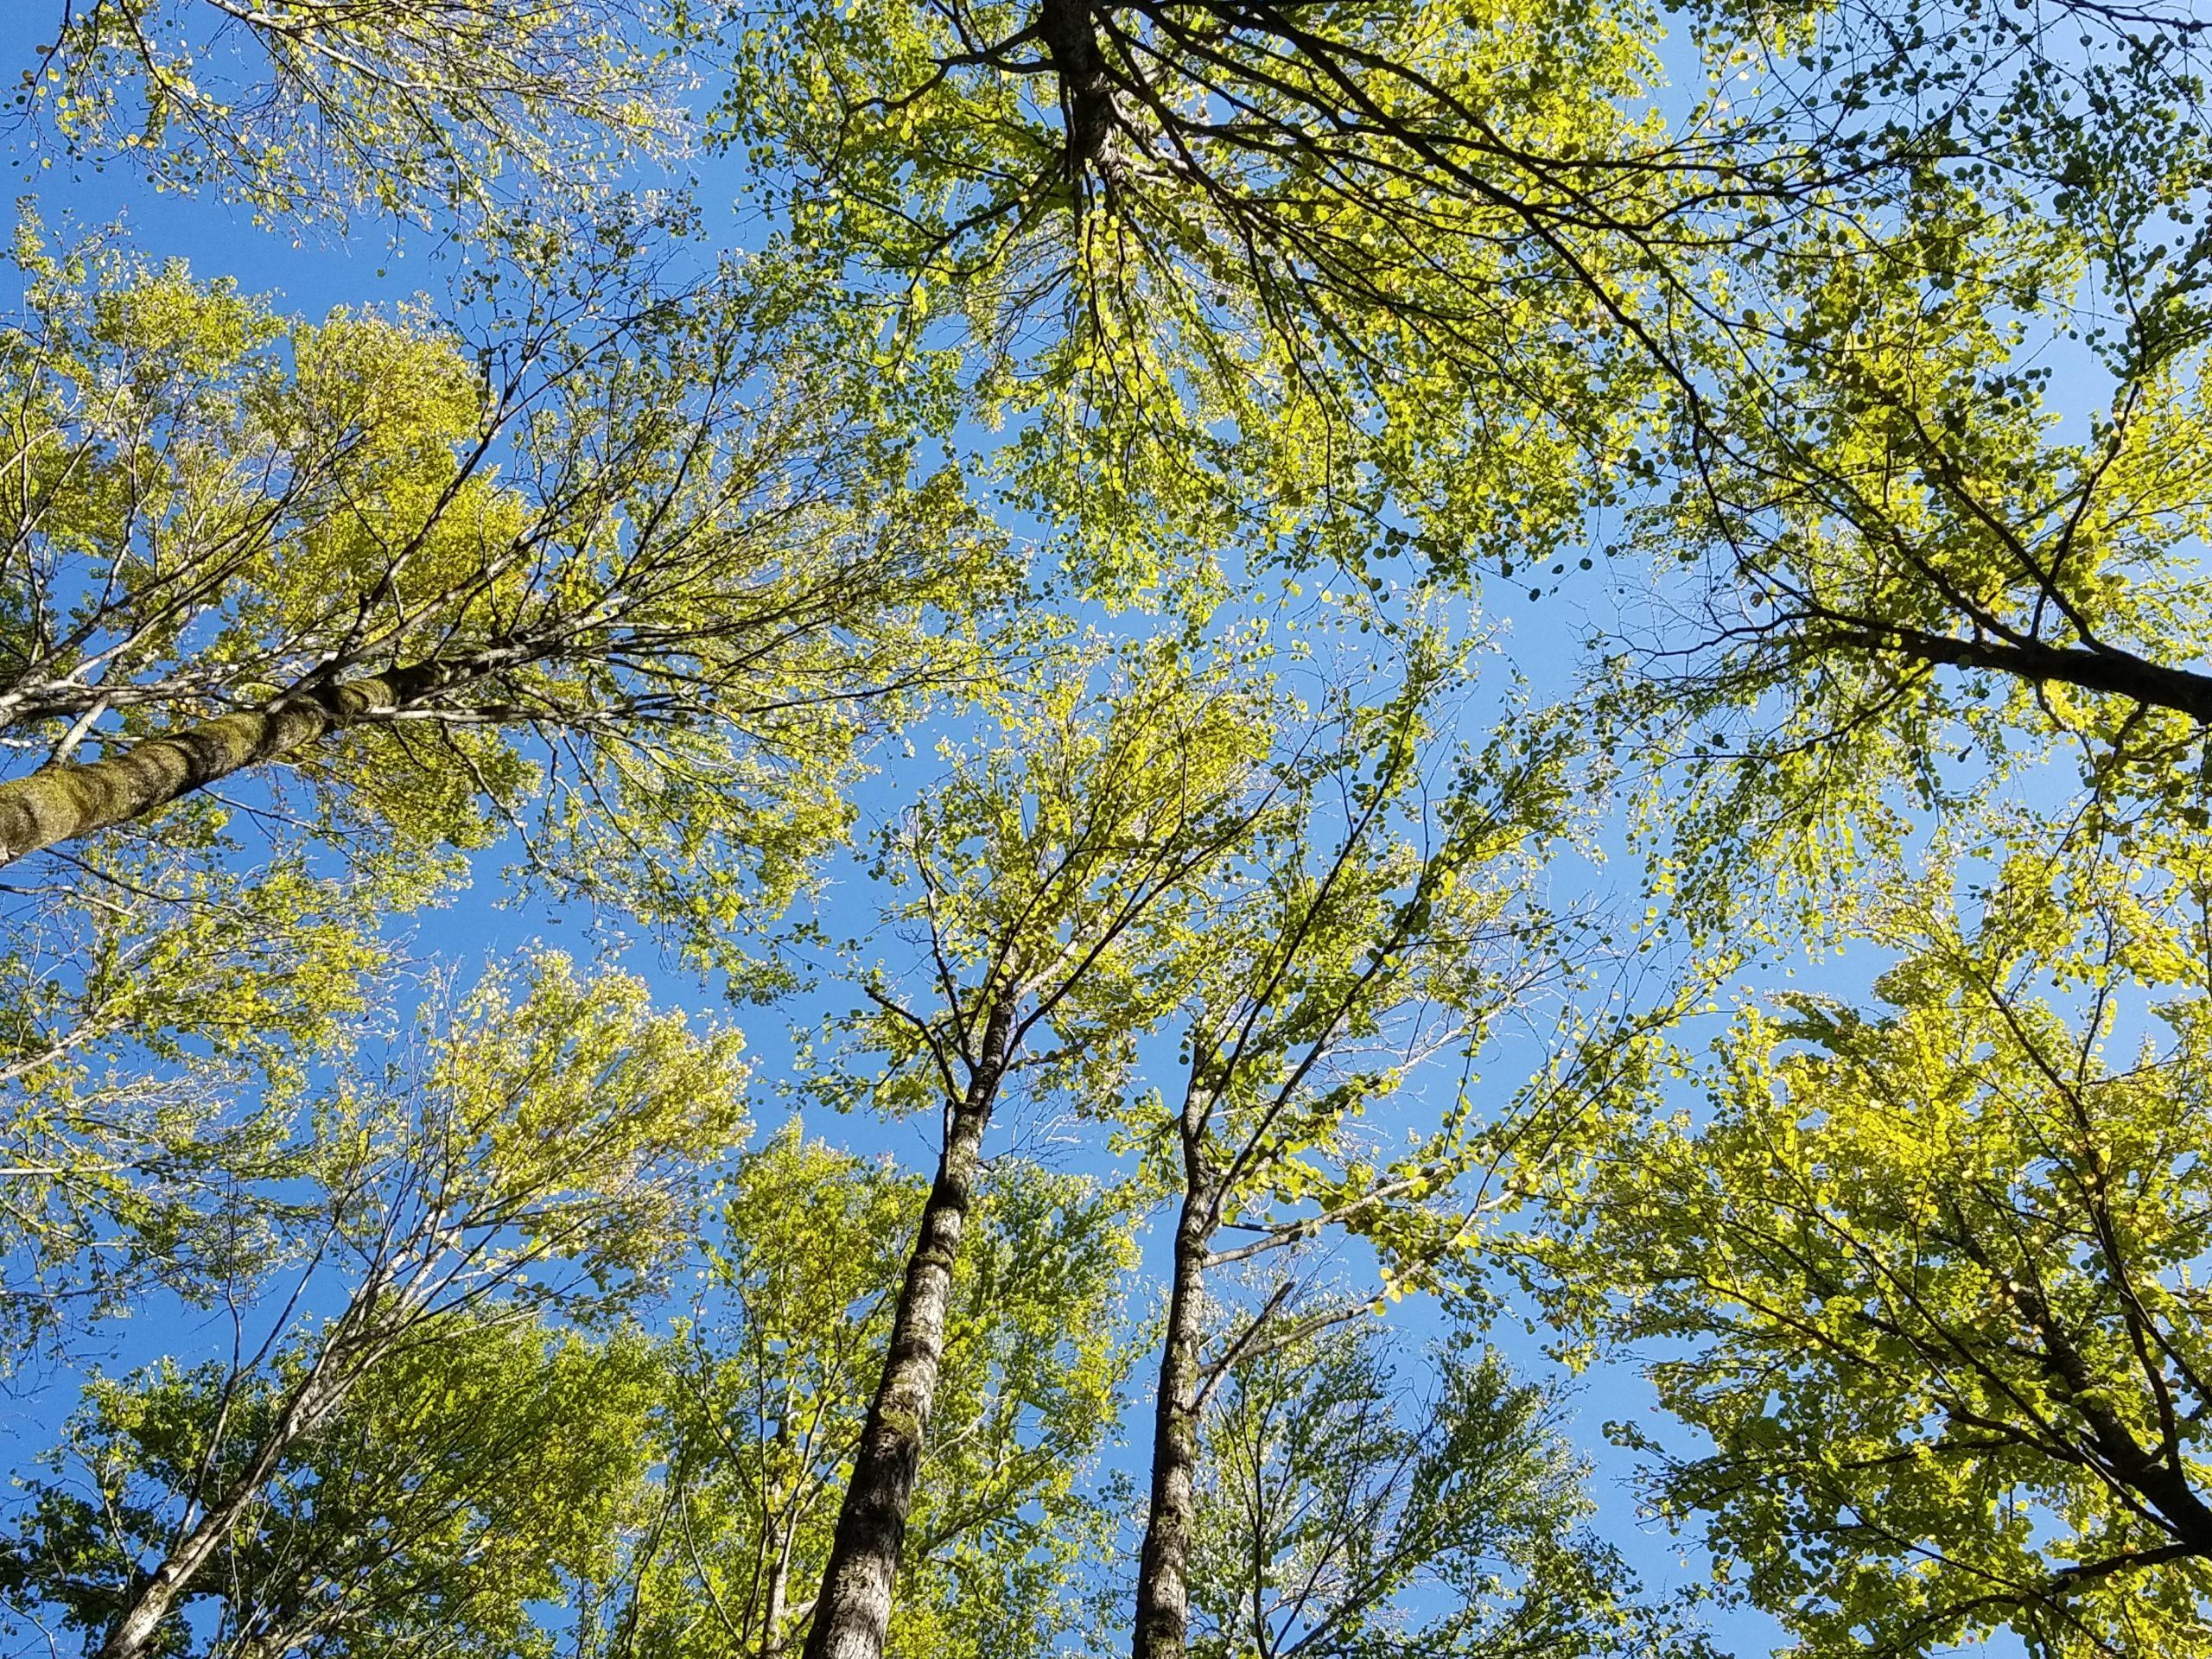 【終了しました】森林セラピストとヨガ講師の野山遊び「桂」*9月26日(土)13:00~15:30@県民の森